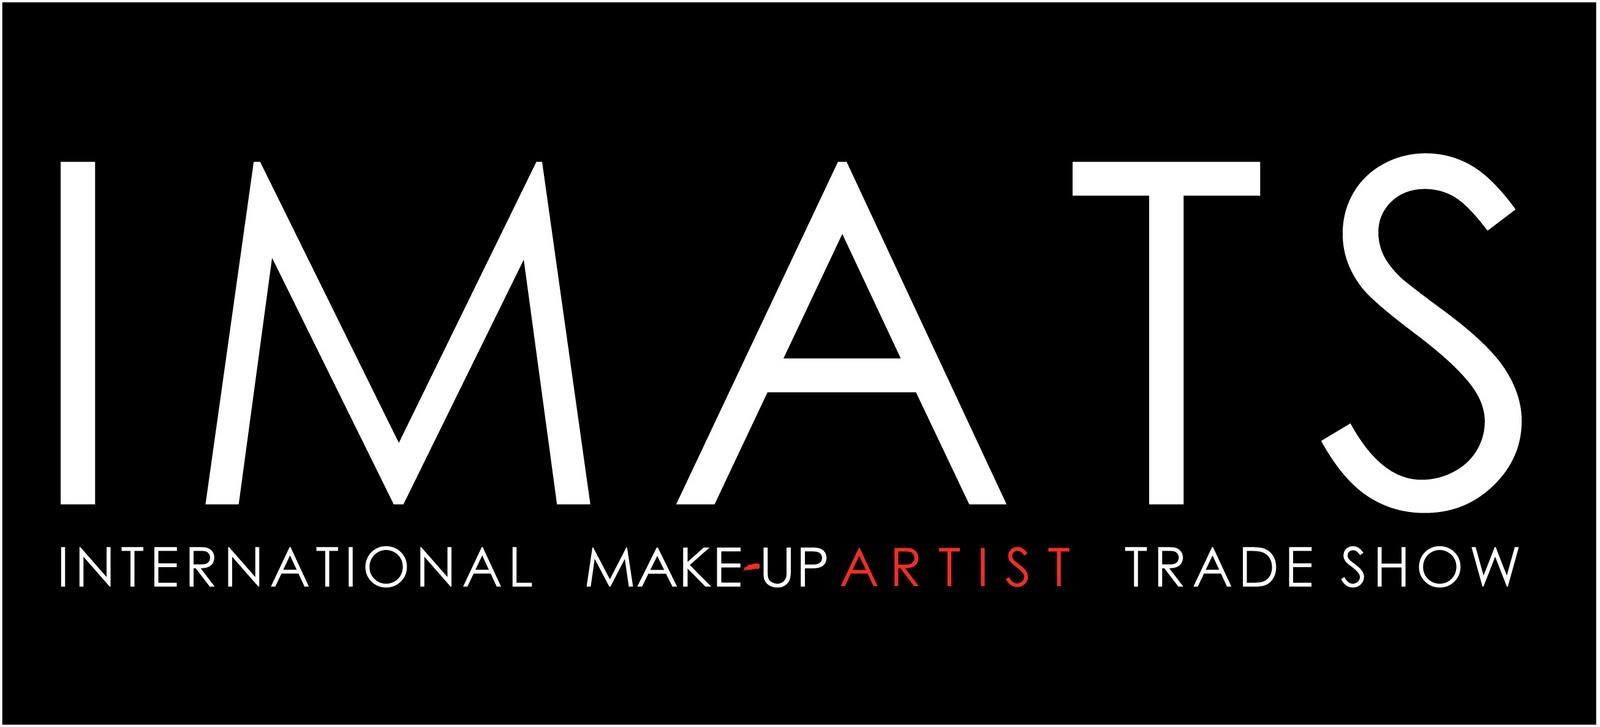 IMATS_logo_white_on_black